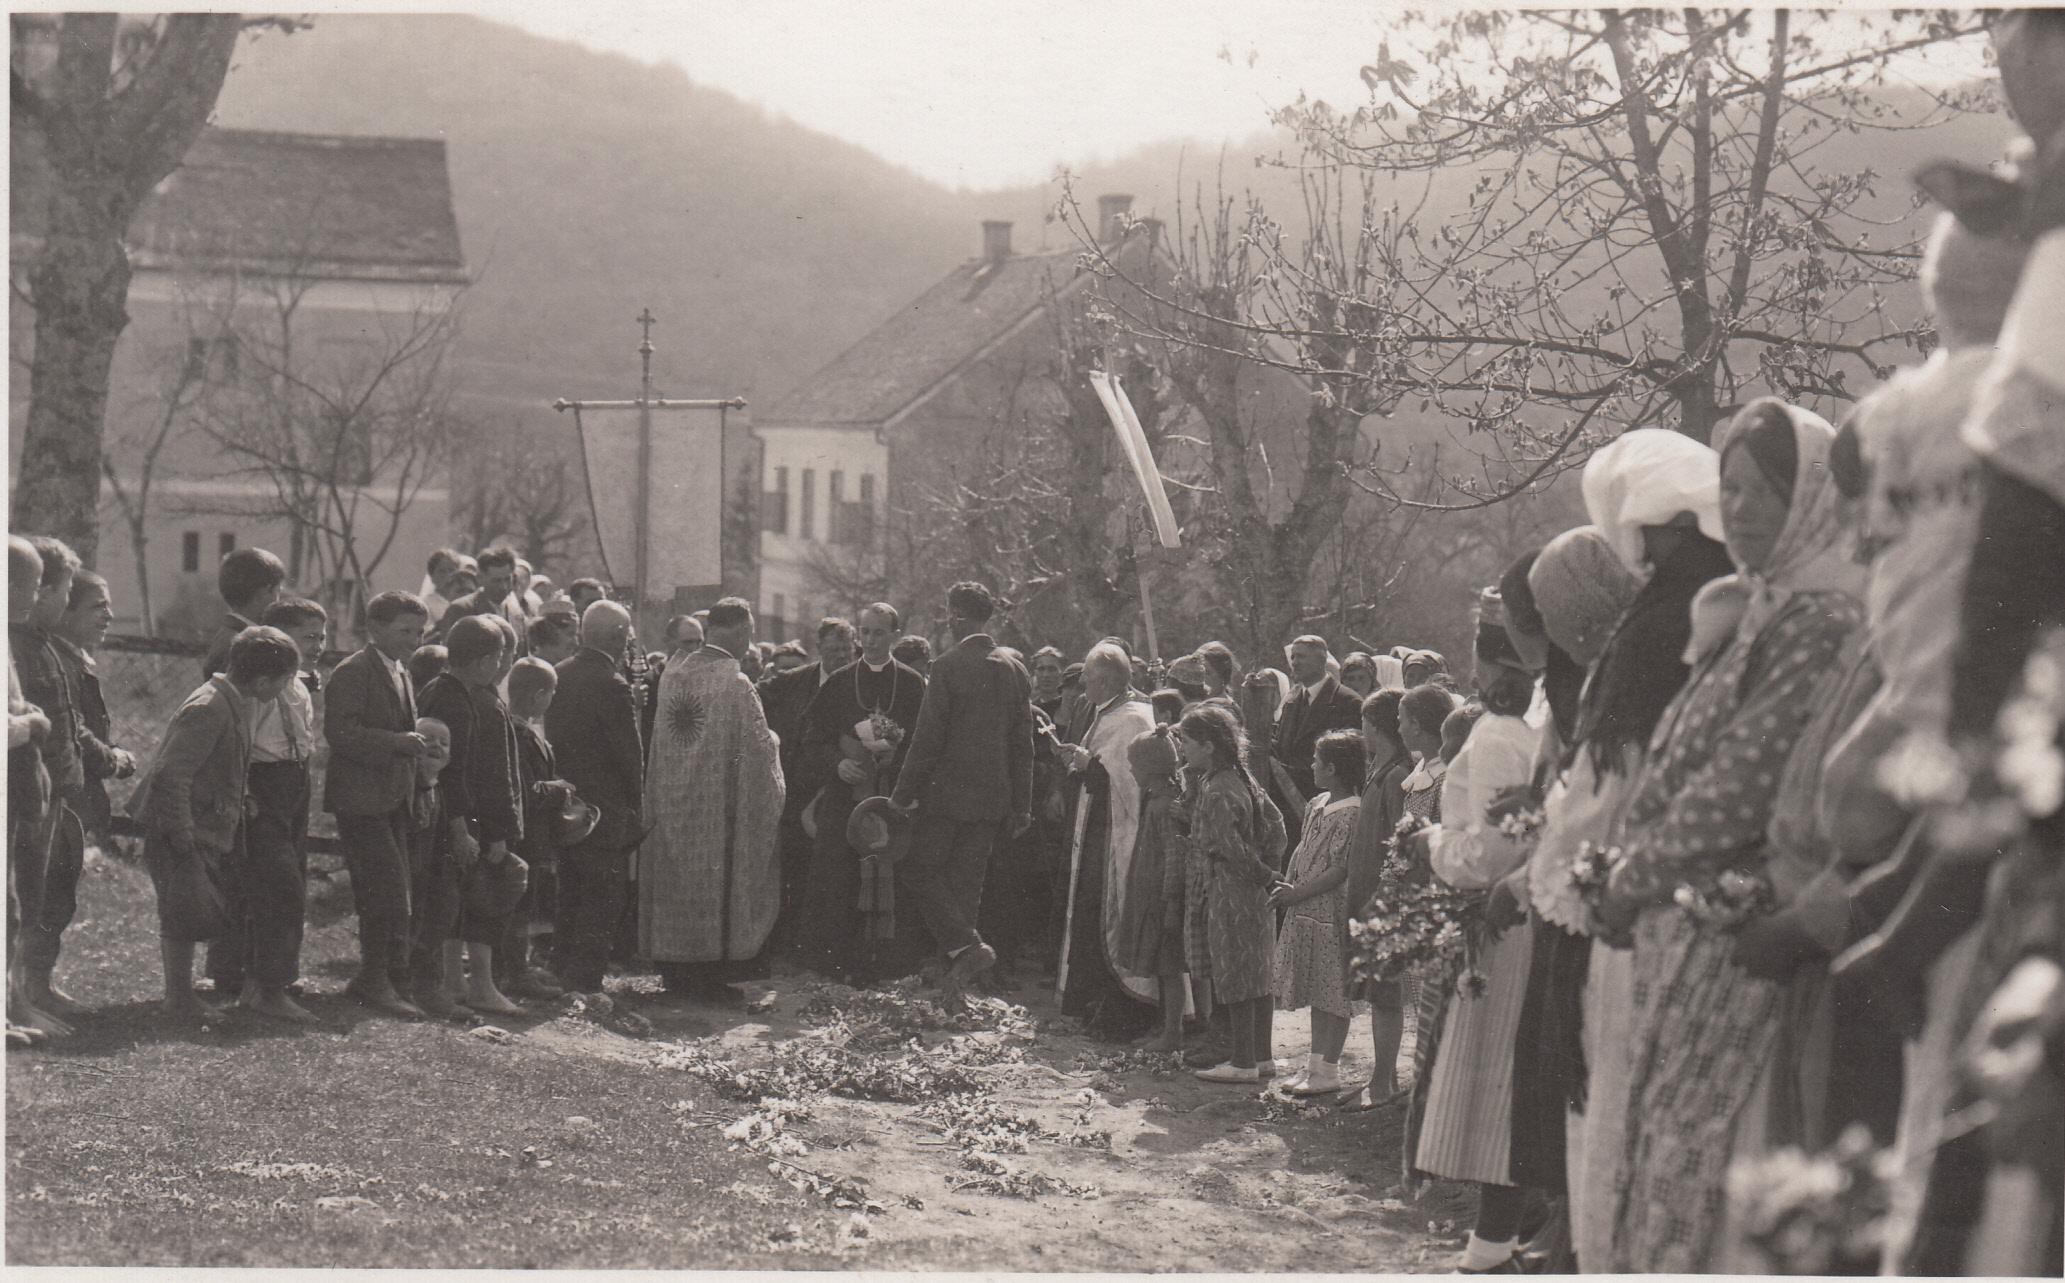 Pronađena jedinstvena fotografija: Nadbiskup Stepinac i grkokatolički svećenici u Sošicama 1935. godine